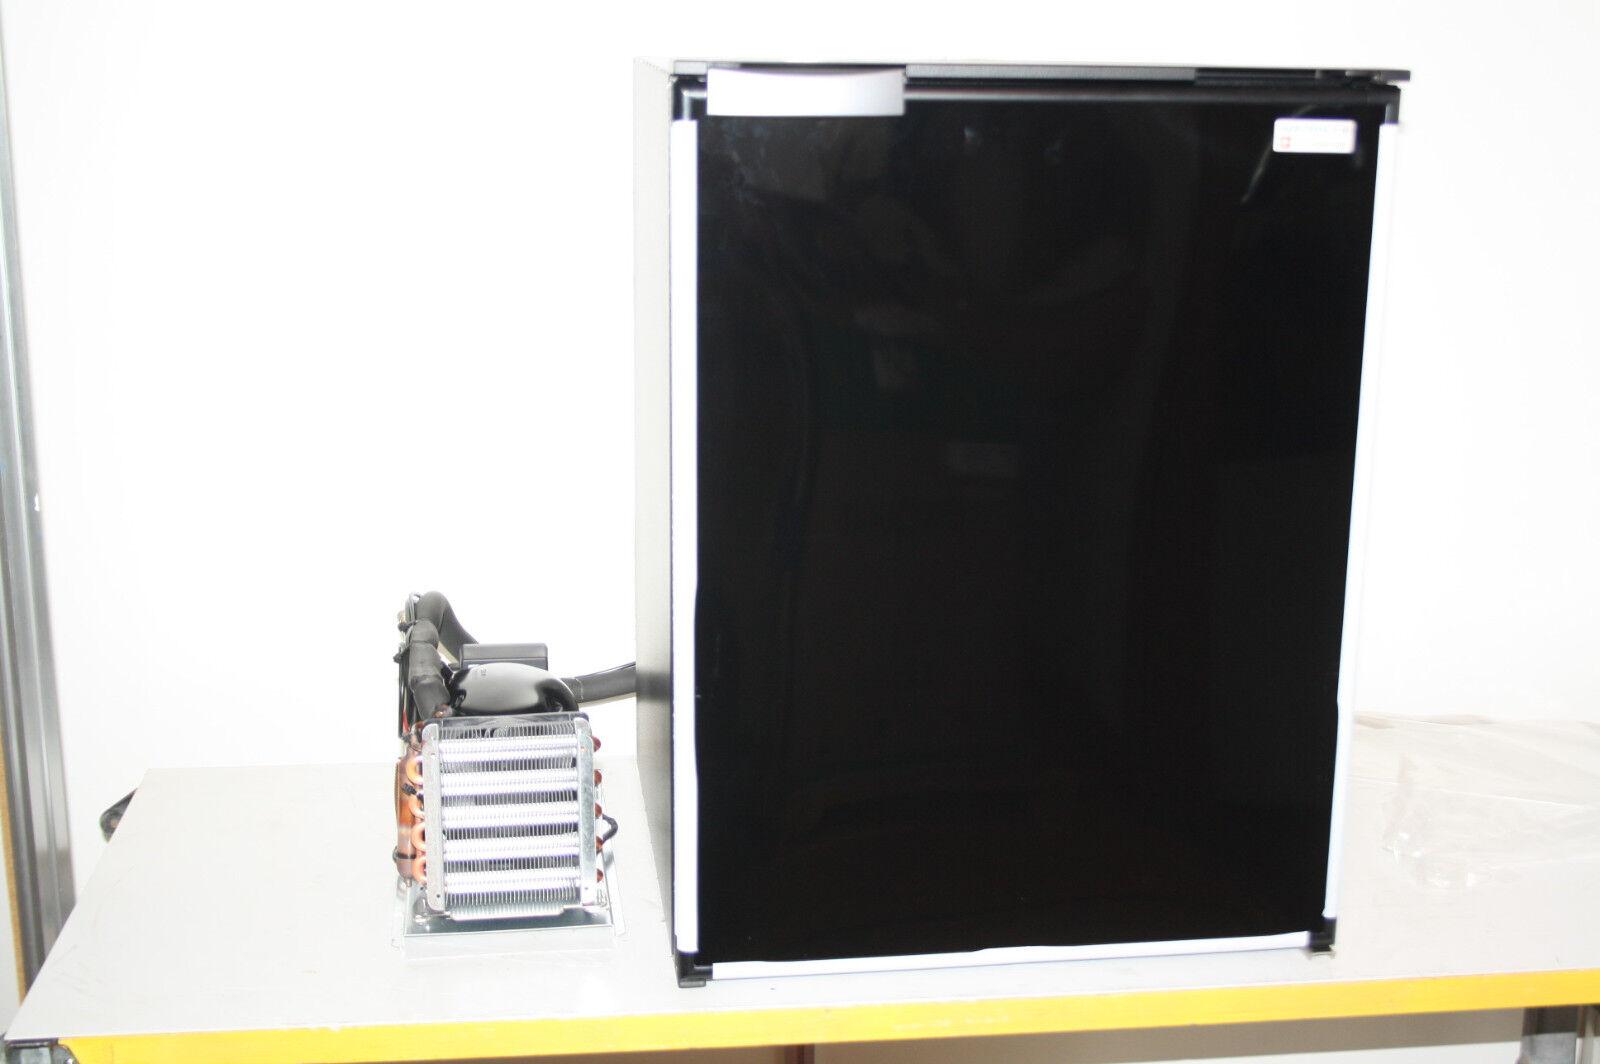 Mini Kühlschrank Blau : Waeco f ac thermoelektrischer mini kühlschrank blau: mobicool f q f